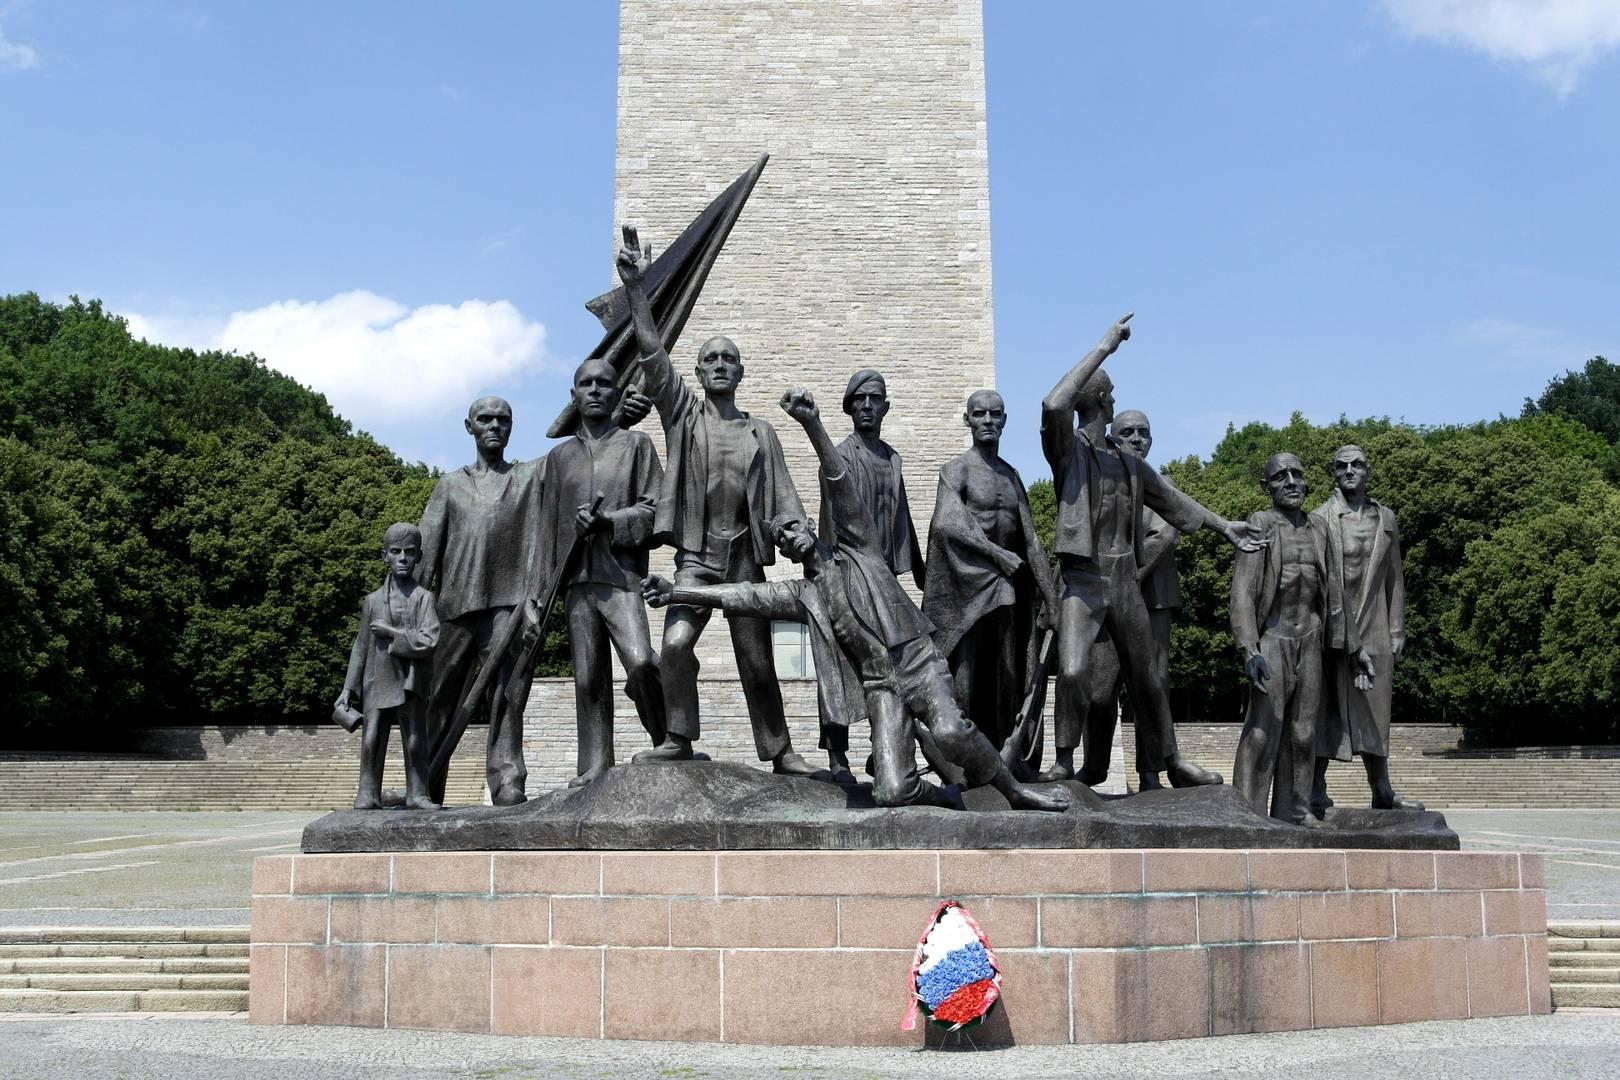 Памятник в Бухенвальде, посвящённый борцам с фашизмом